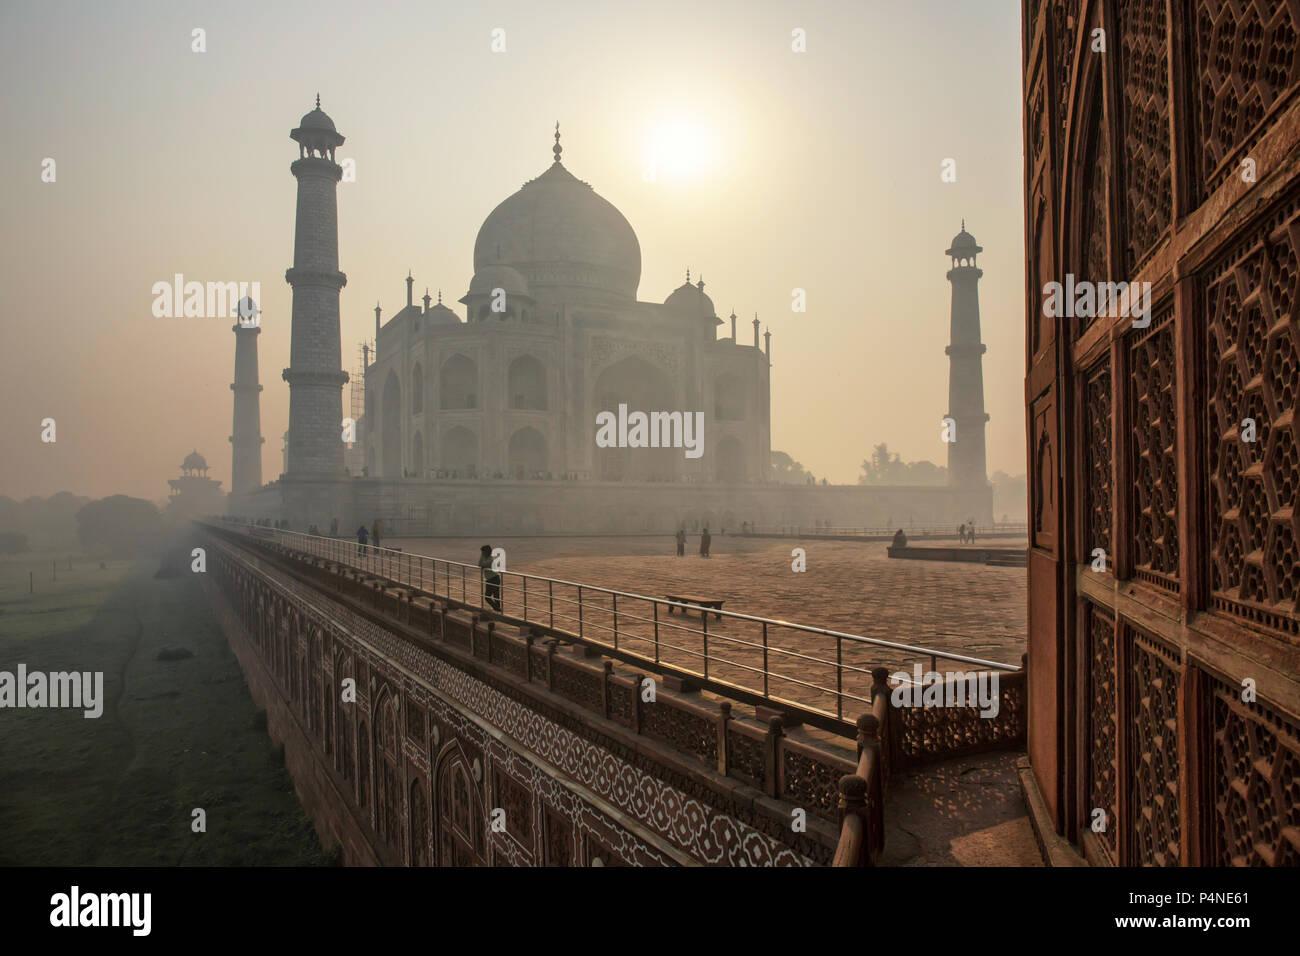 Il bellissimo Taj Mahal al mattino, Agra - India Immagini Stock